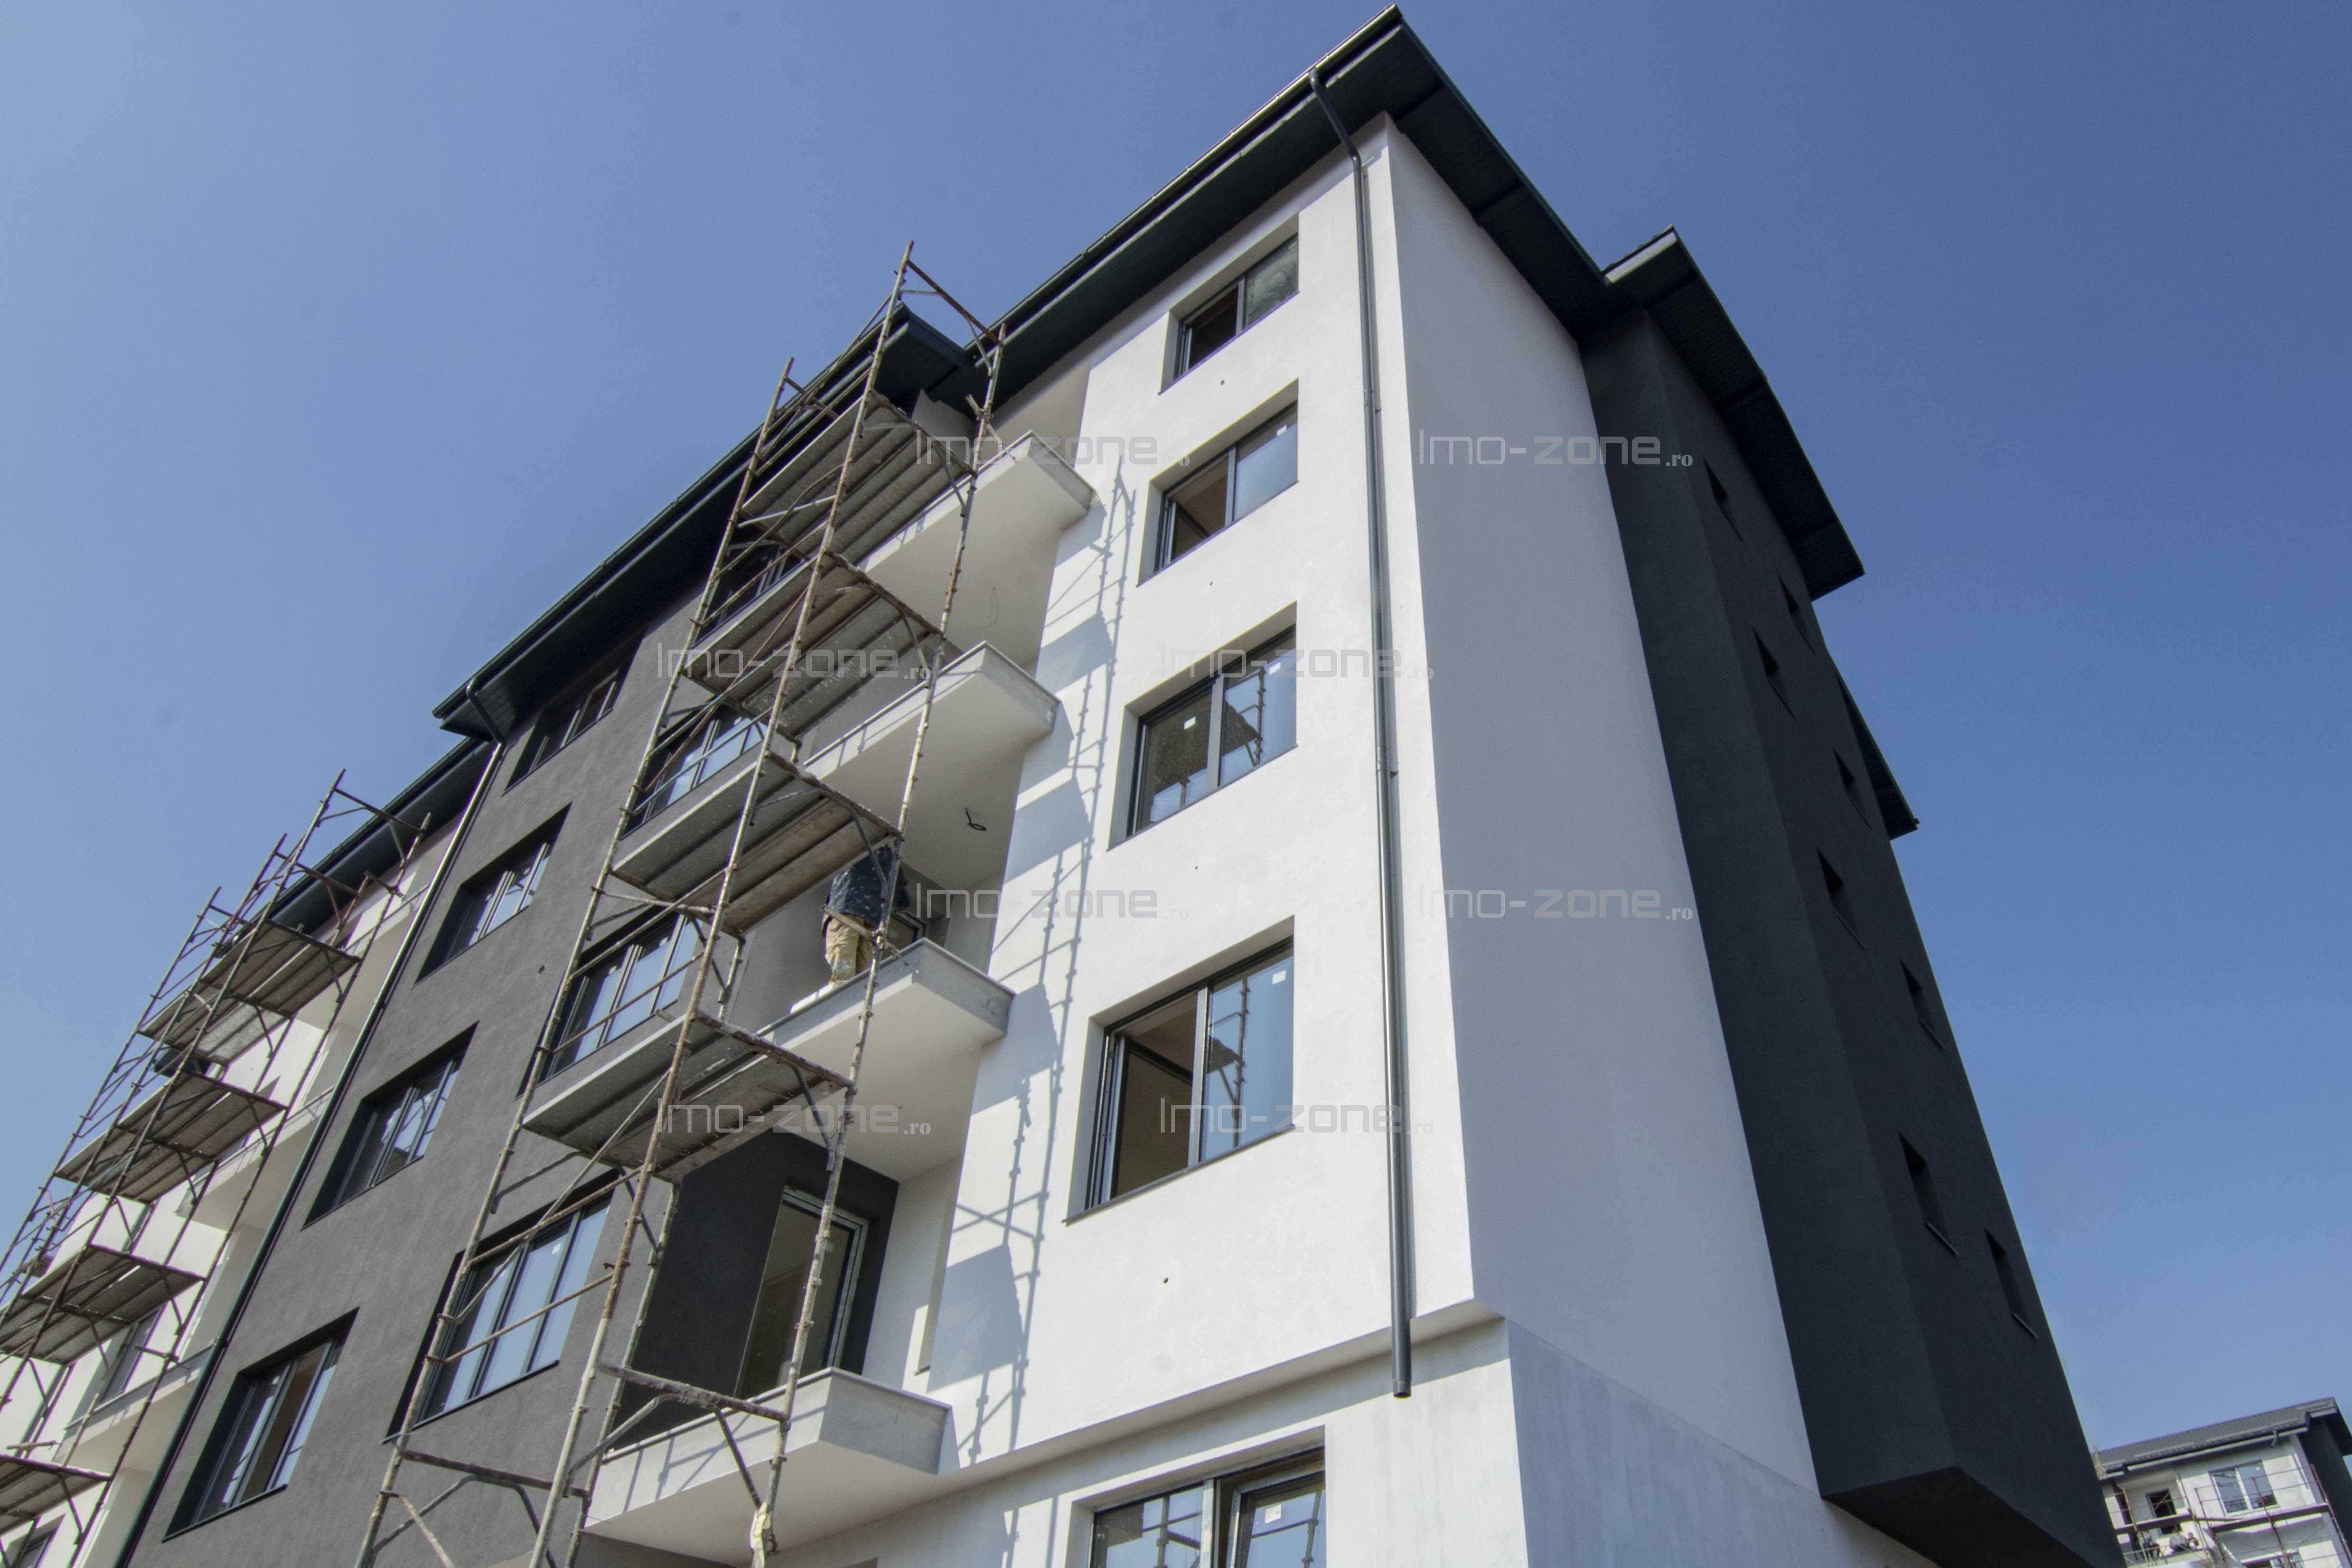 COMISION 0% - Apartament cu 3 CAMERE, spatios, 86 mpu, FINISAT MODERN